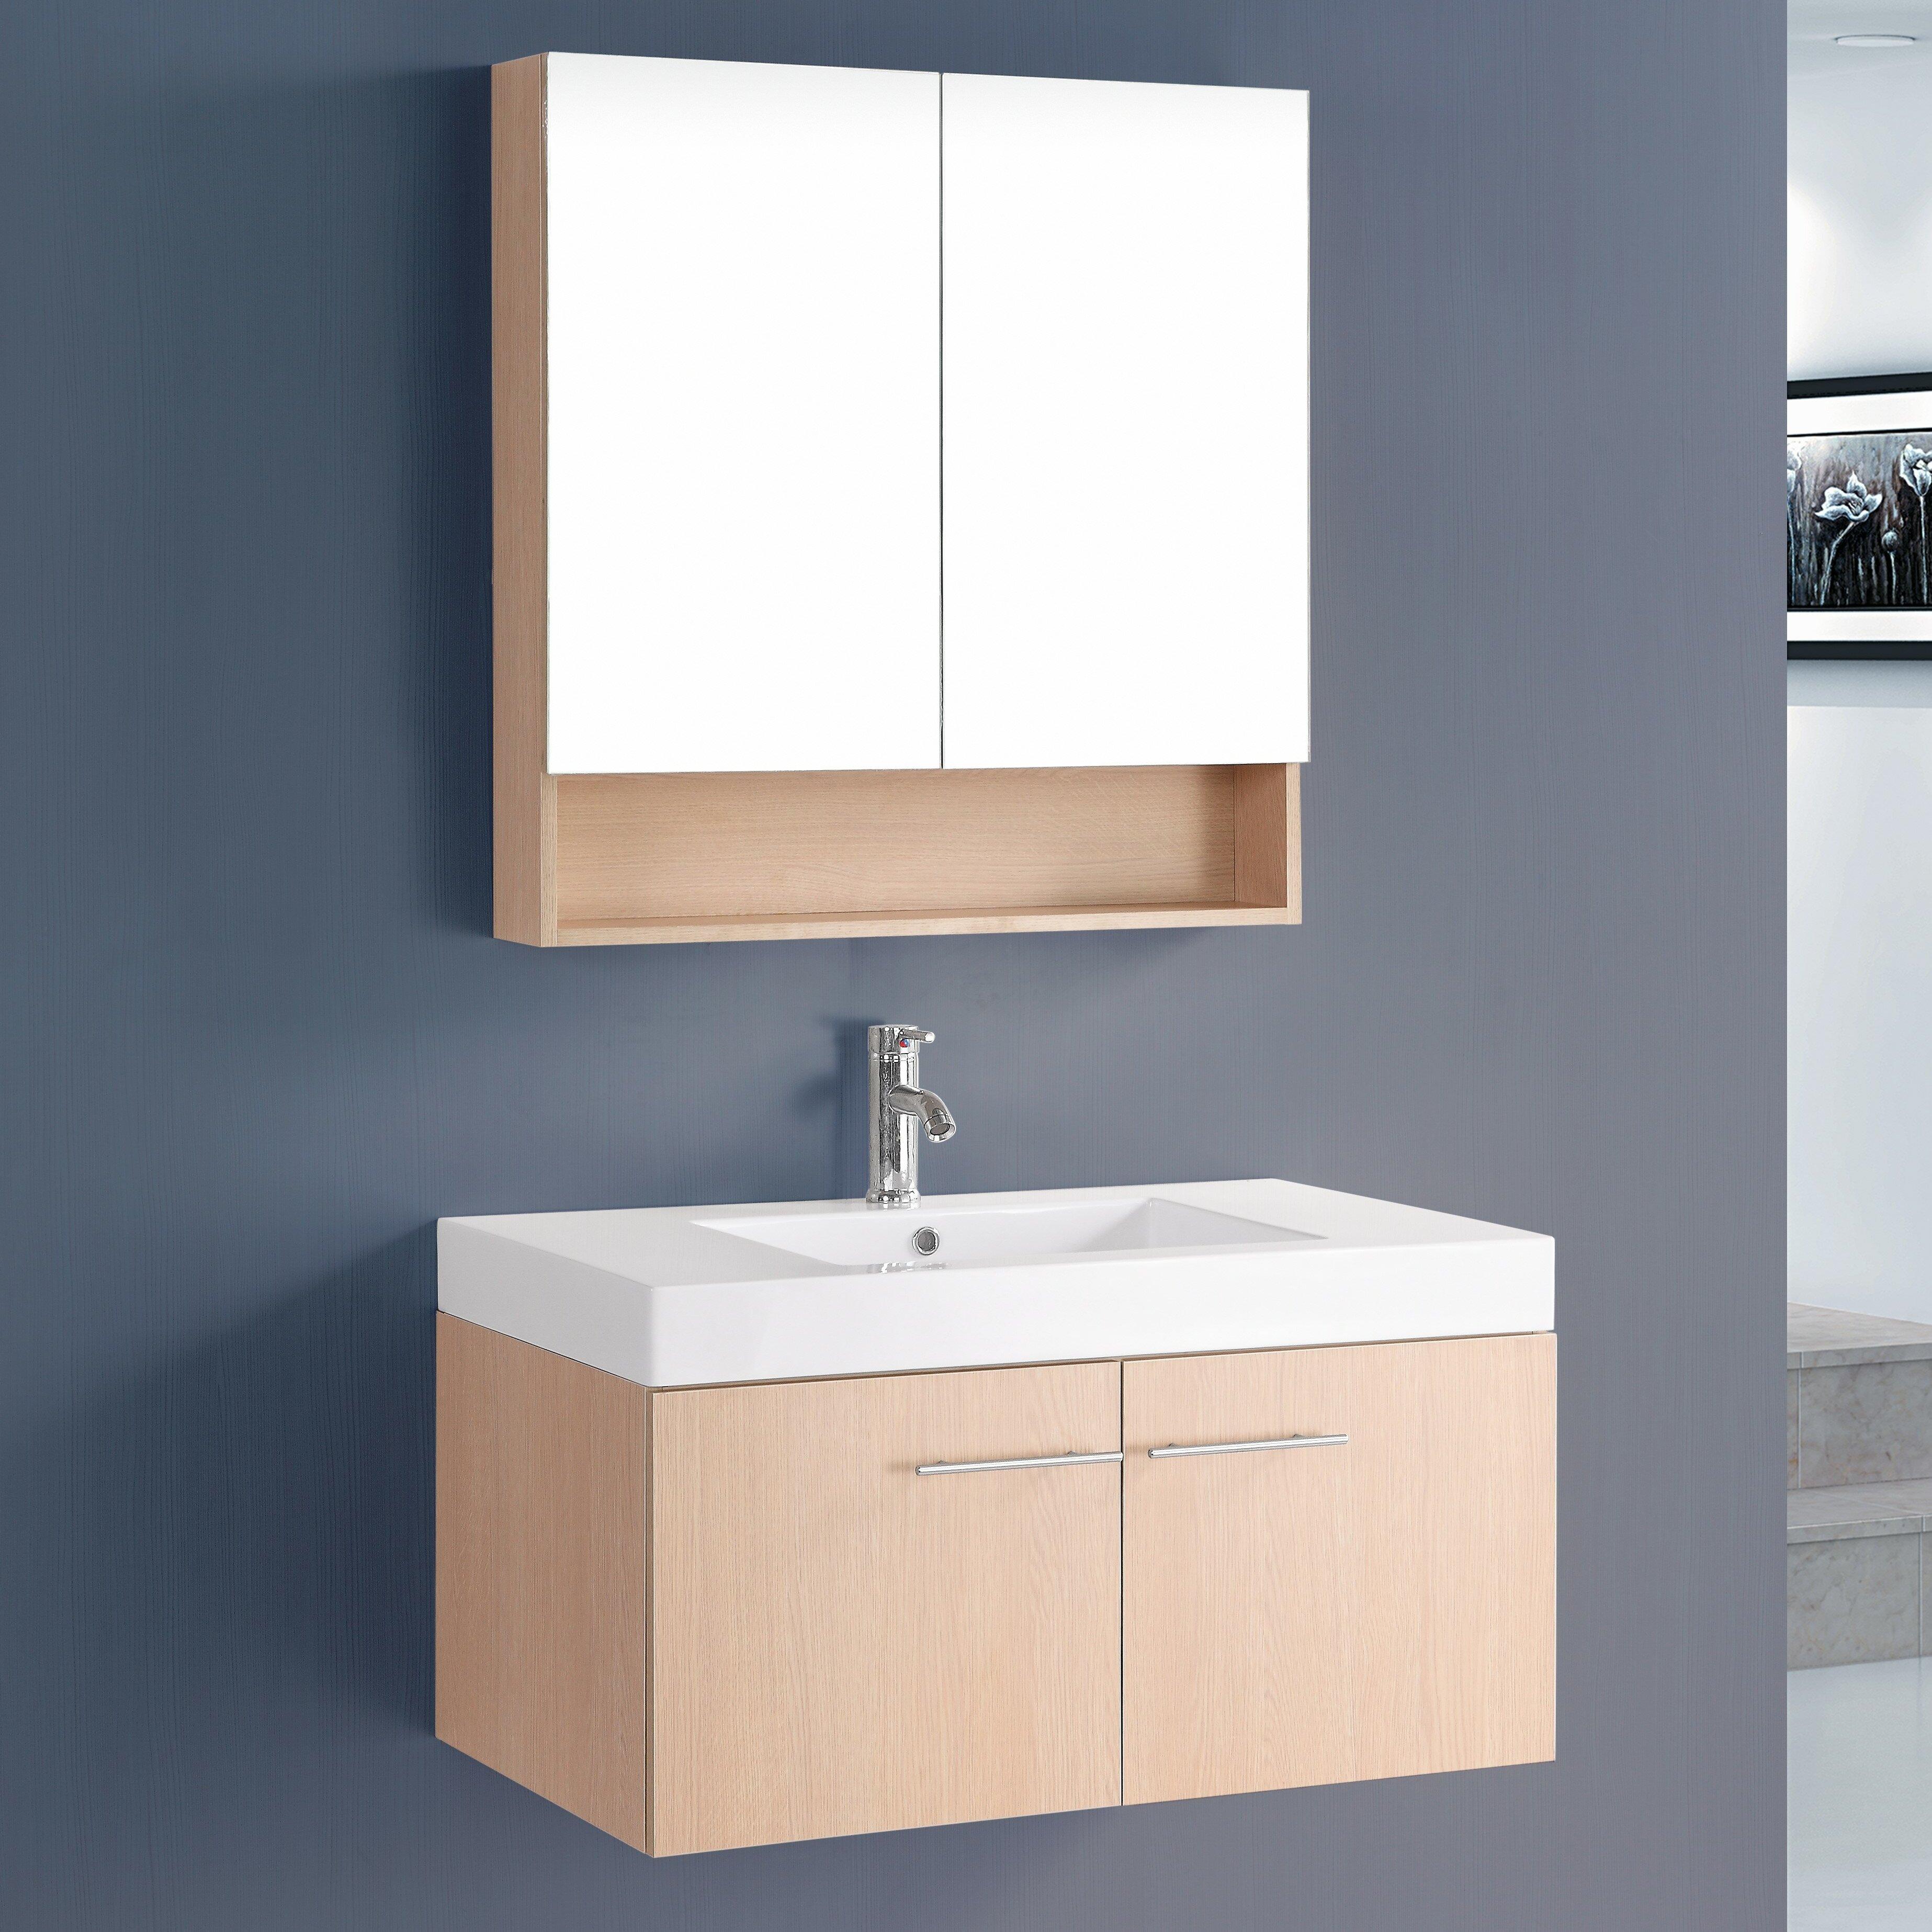 Bosconi Contemporary 36 Single Bathroom Vanity Set With Mirror Reviews Wayfair